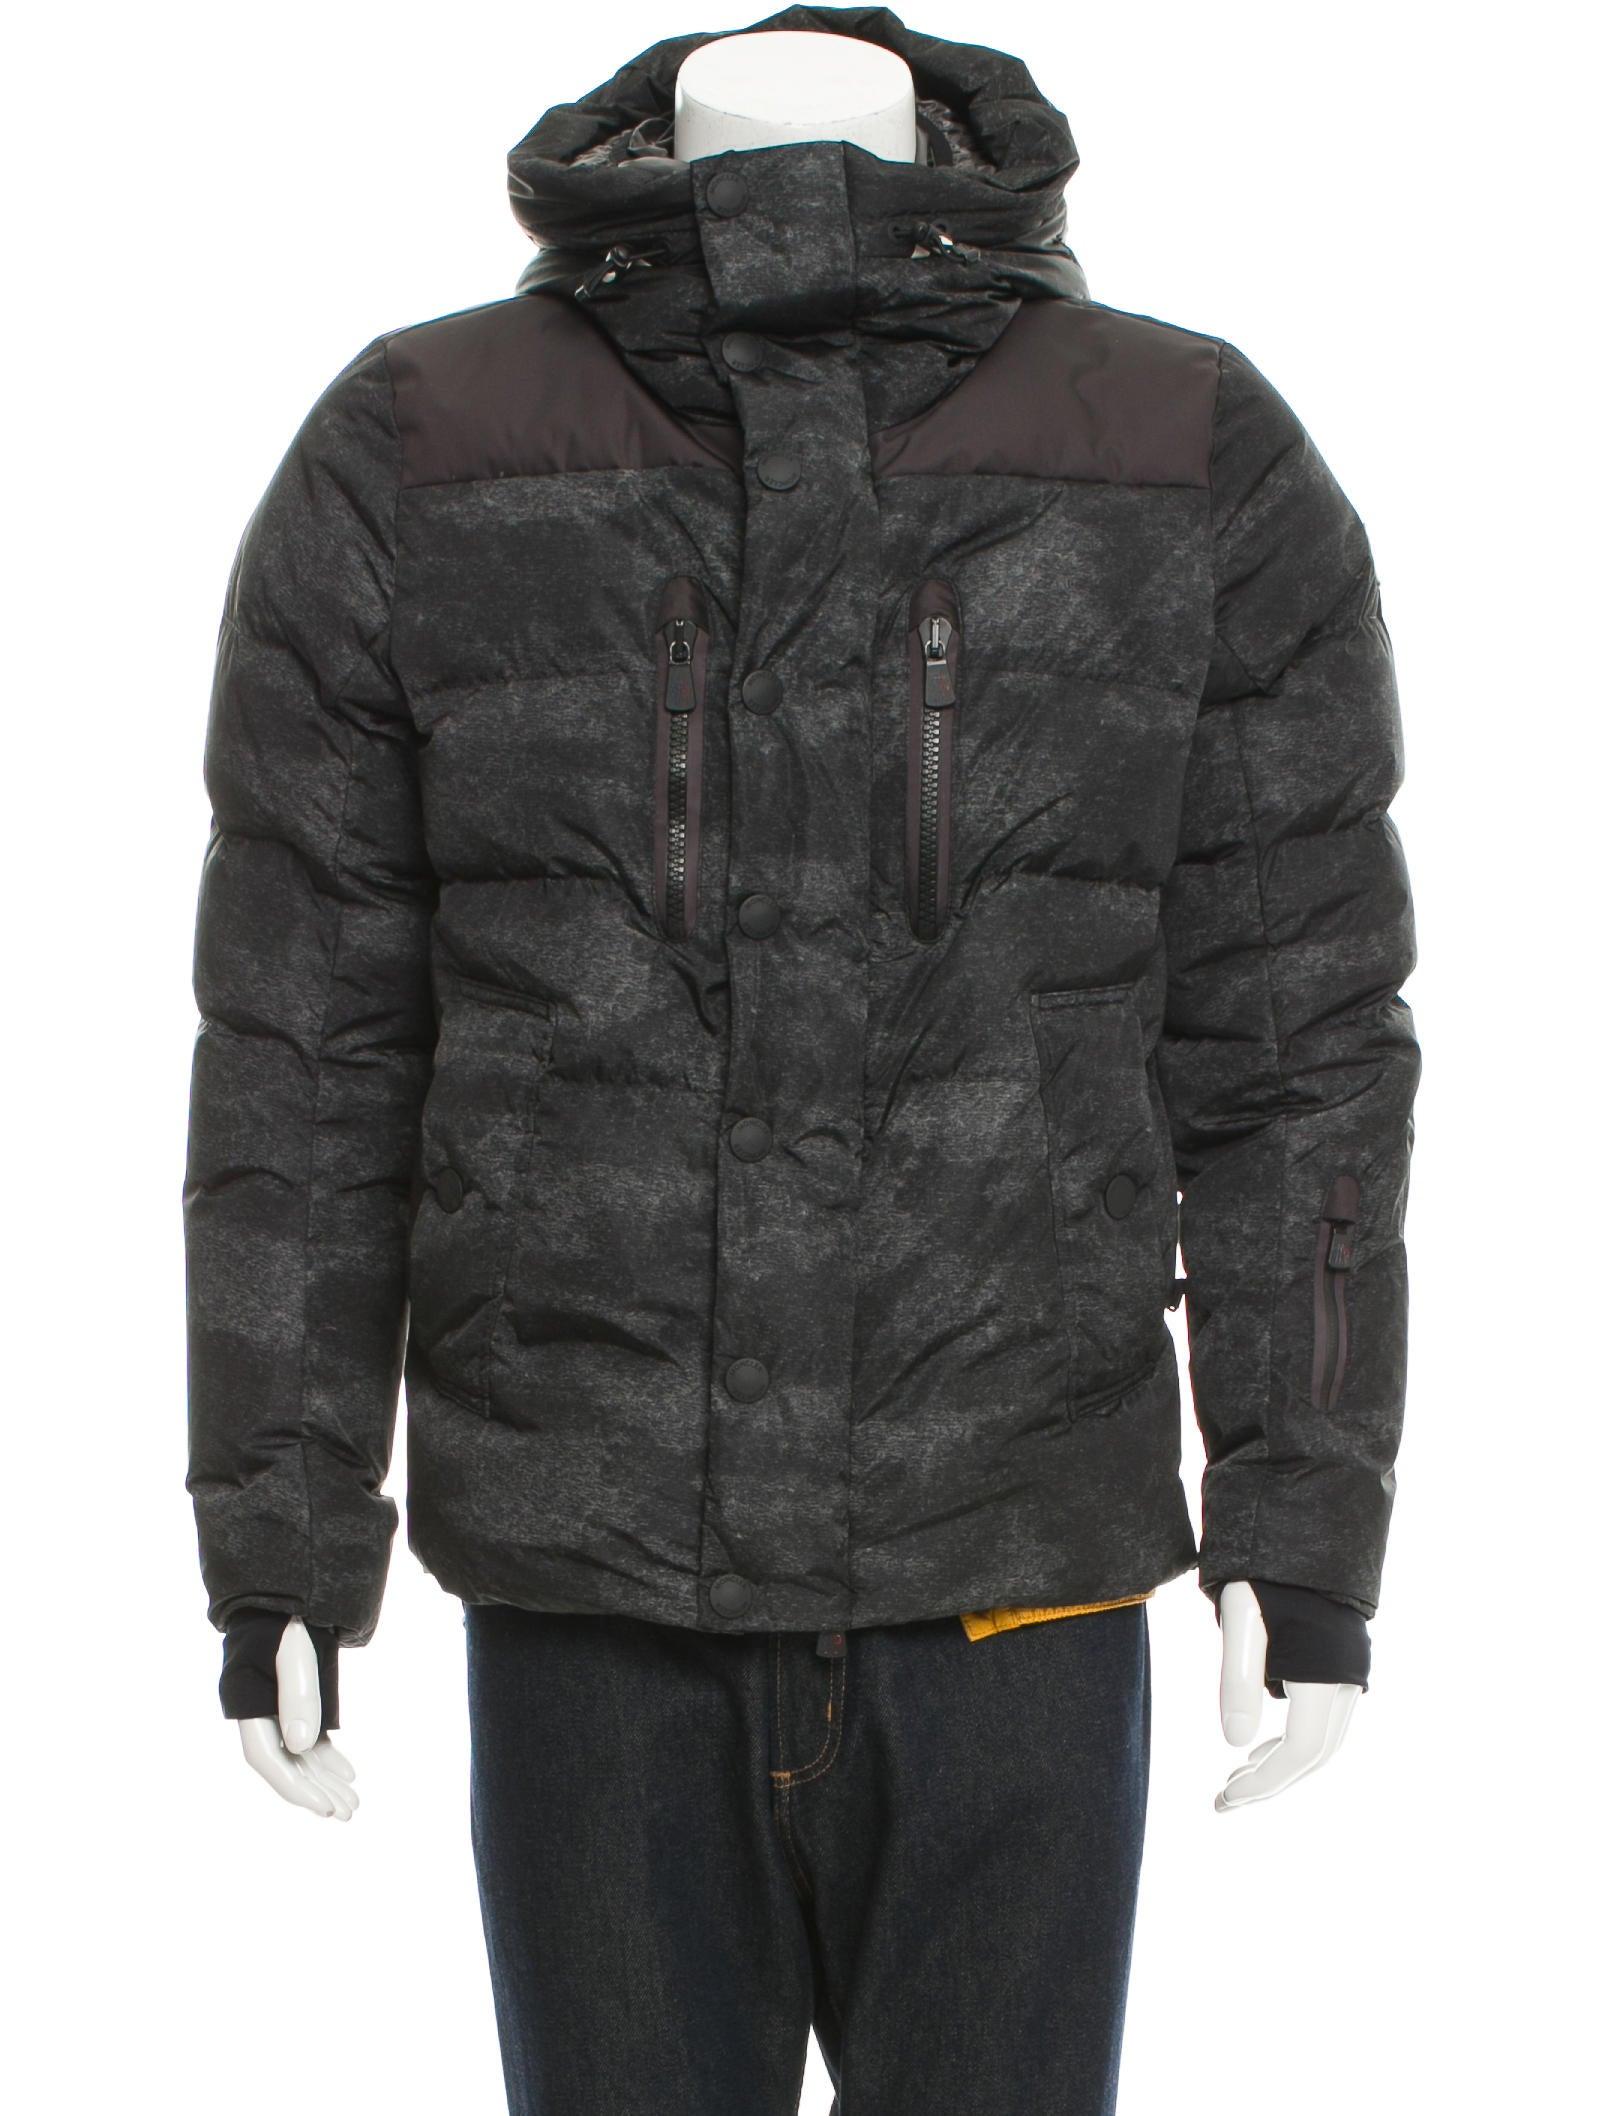 592697304 2017 Rodenberg Down-Filled Jacket